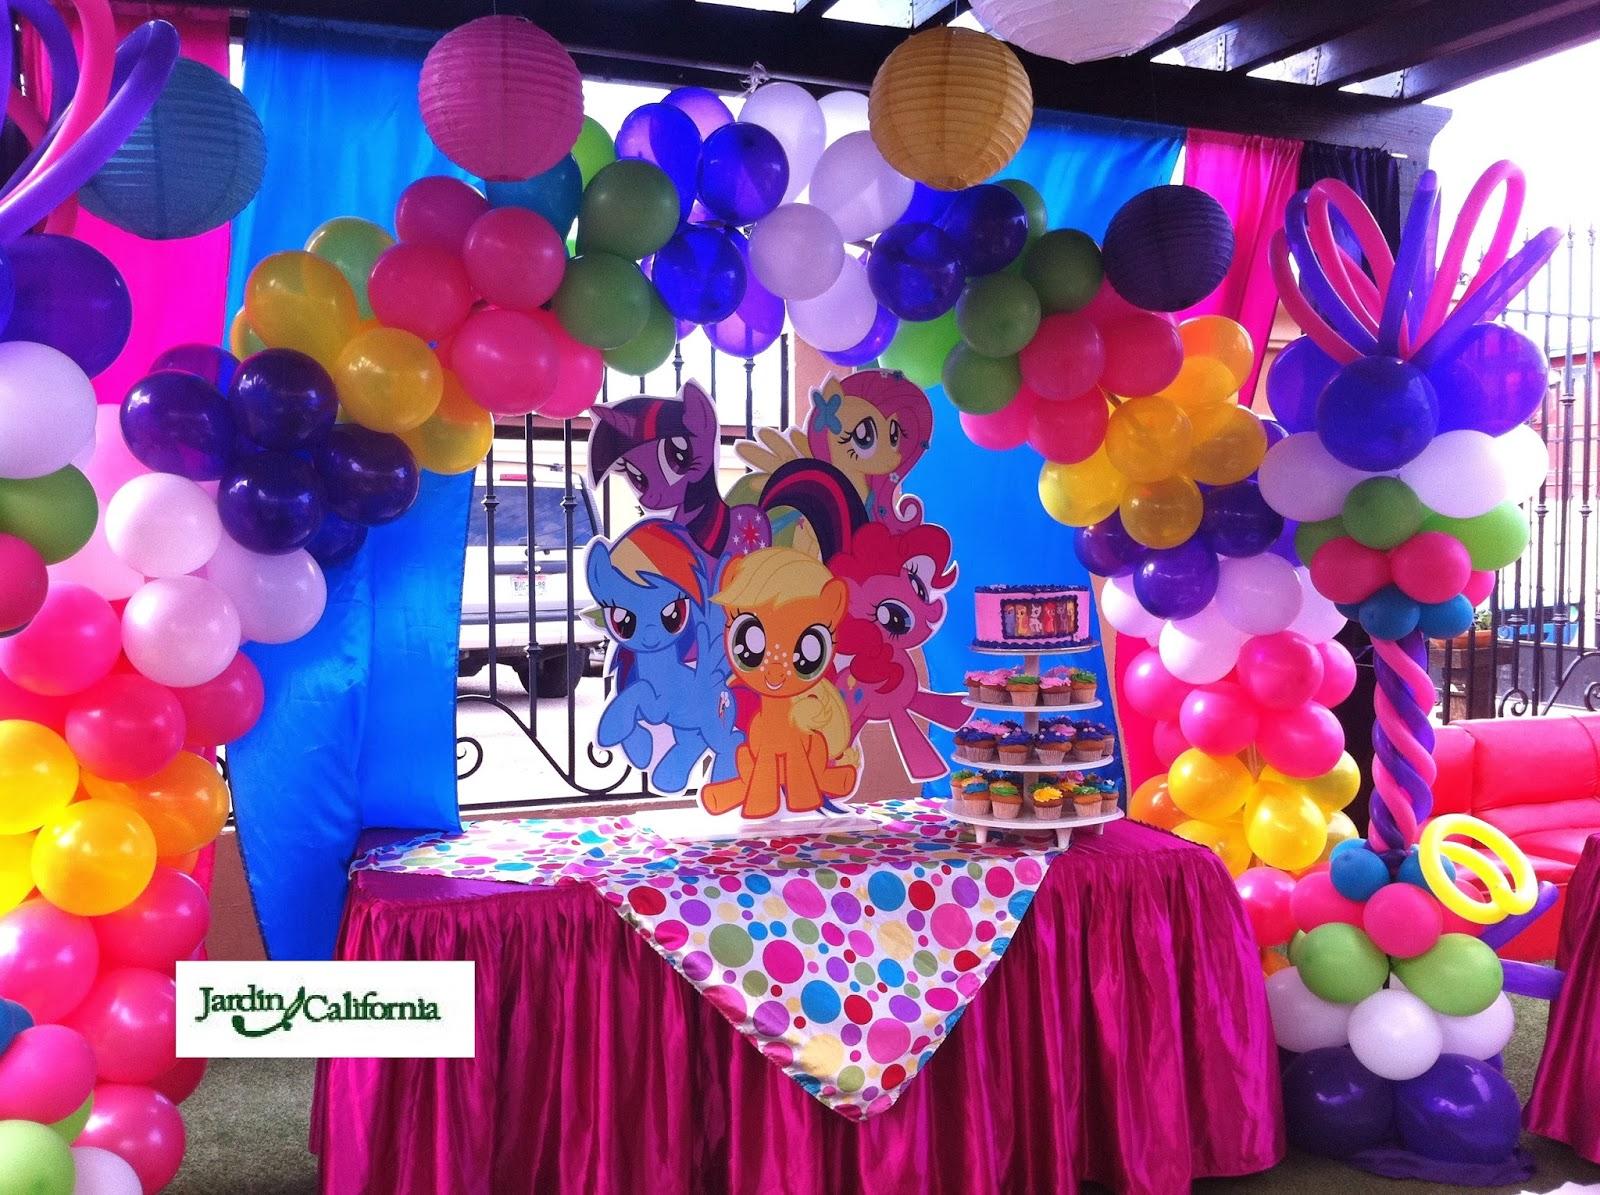 Jardin california decoraci n de fiestas infantiles tem ticas - Fiesta infantil tematica ...